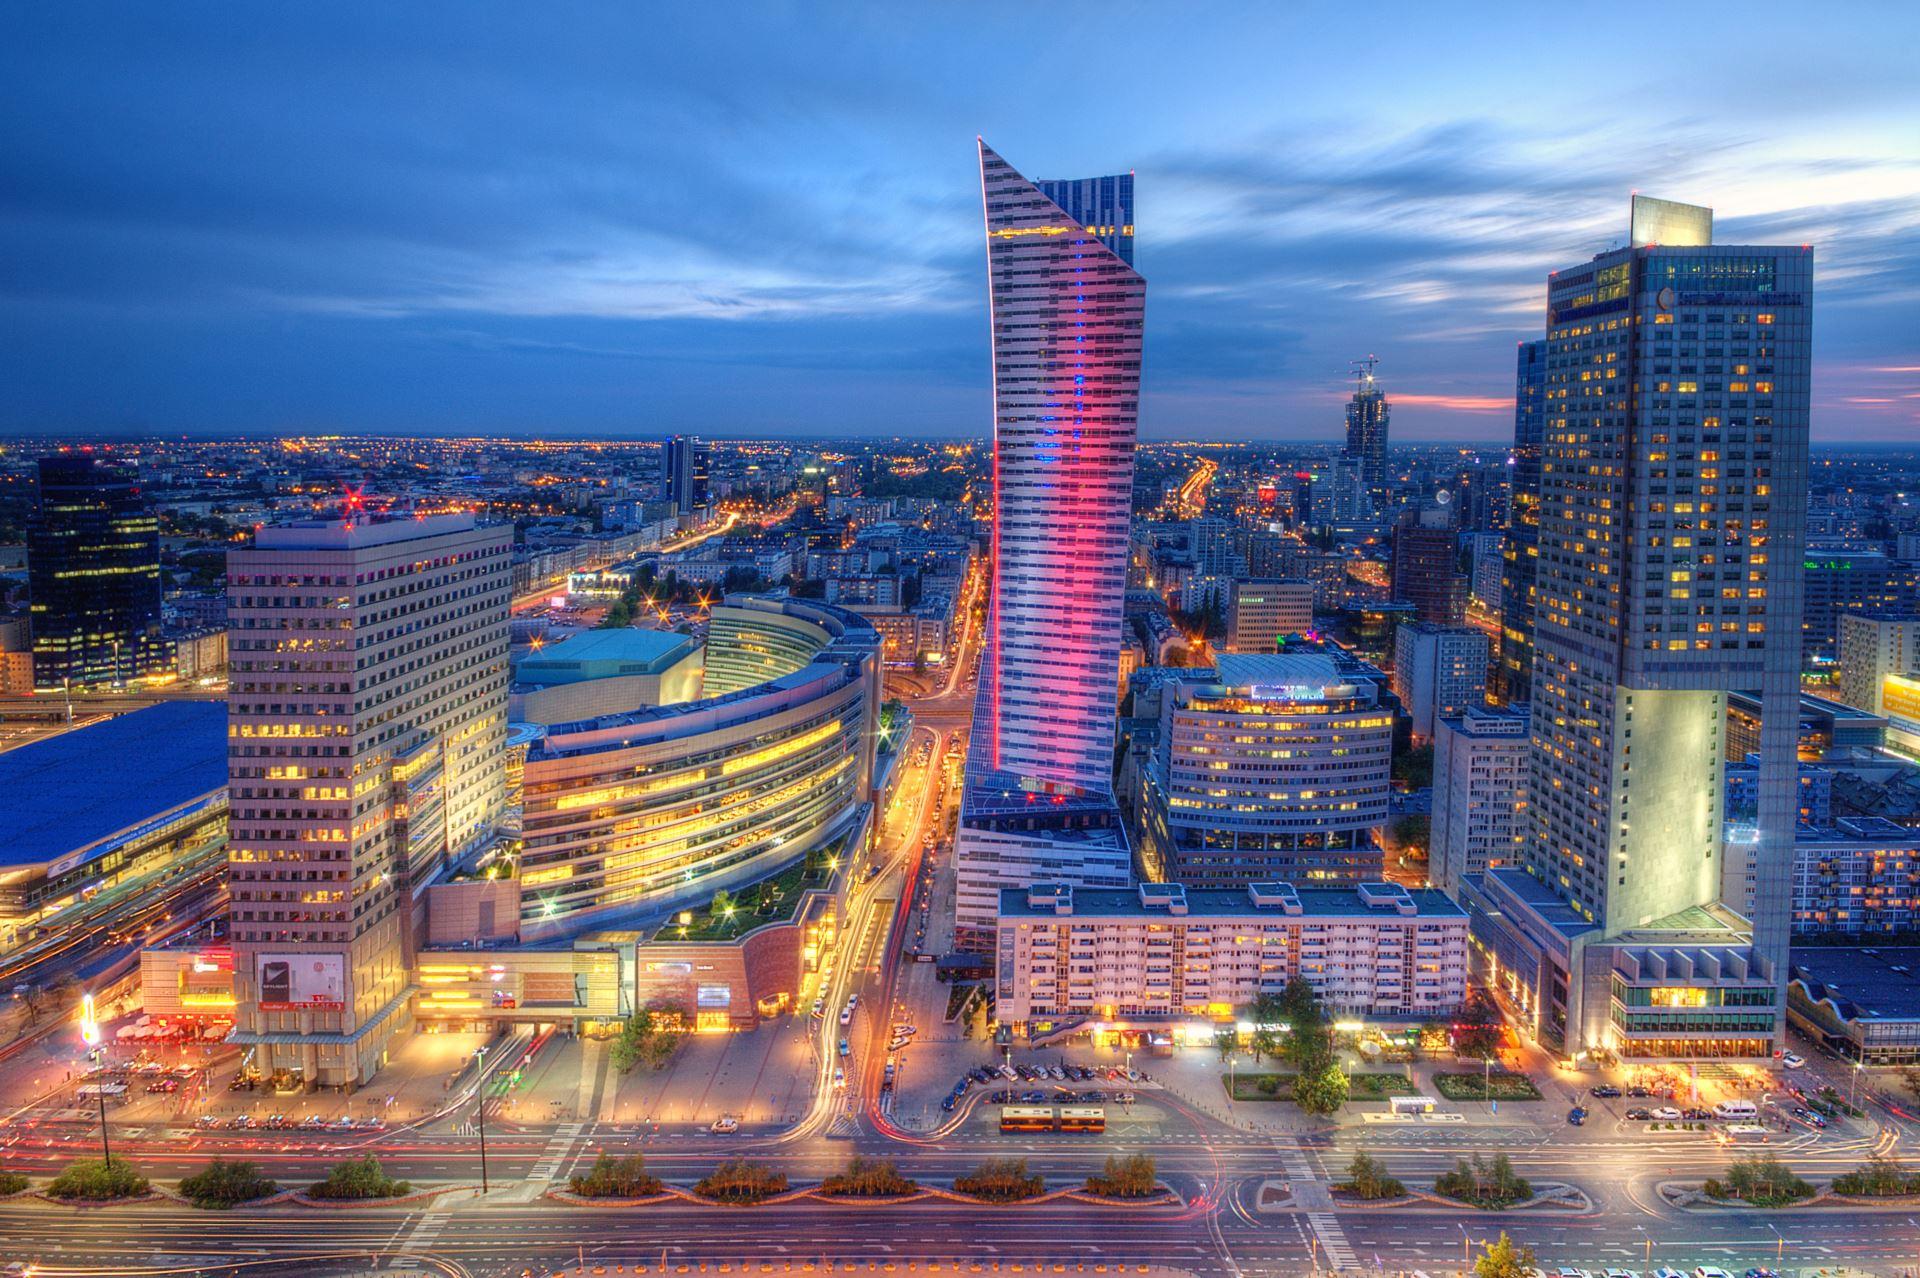 Poland Prize: Startup Spottitt z Wielkiej Brytanii, Walter's Cube  z Węgier oraz Dicsoperi z Ukrainy będą rozwijały się również  w Polsce